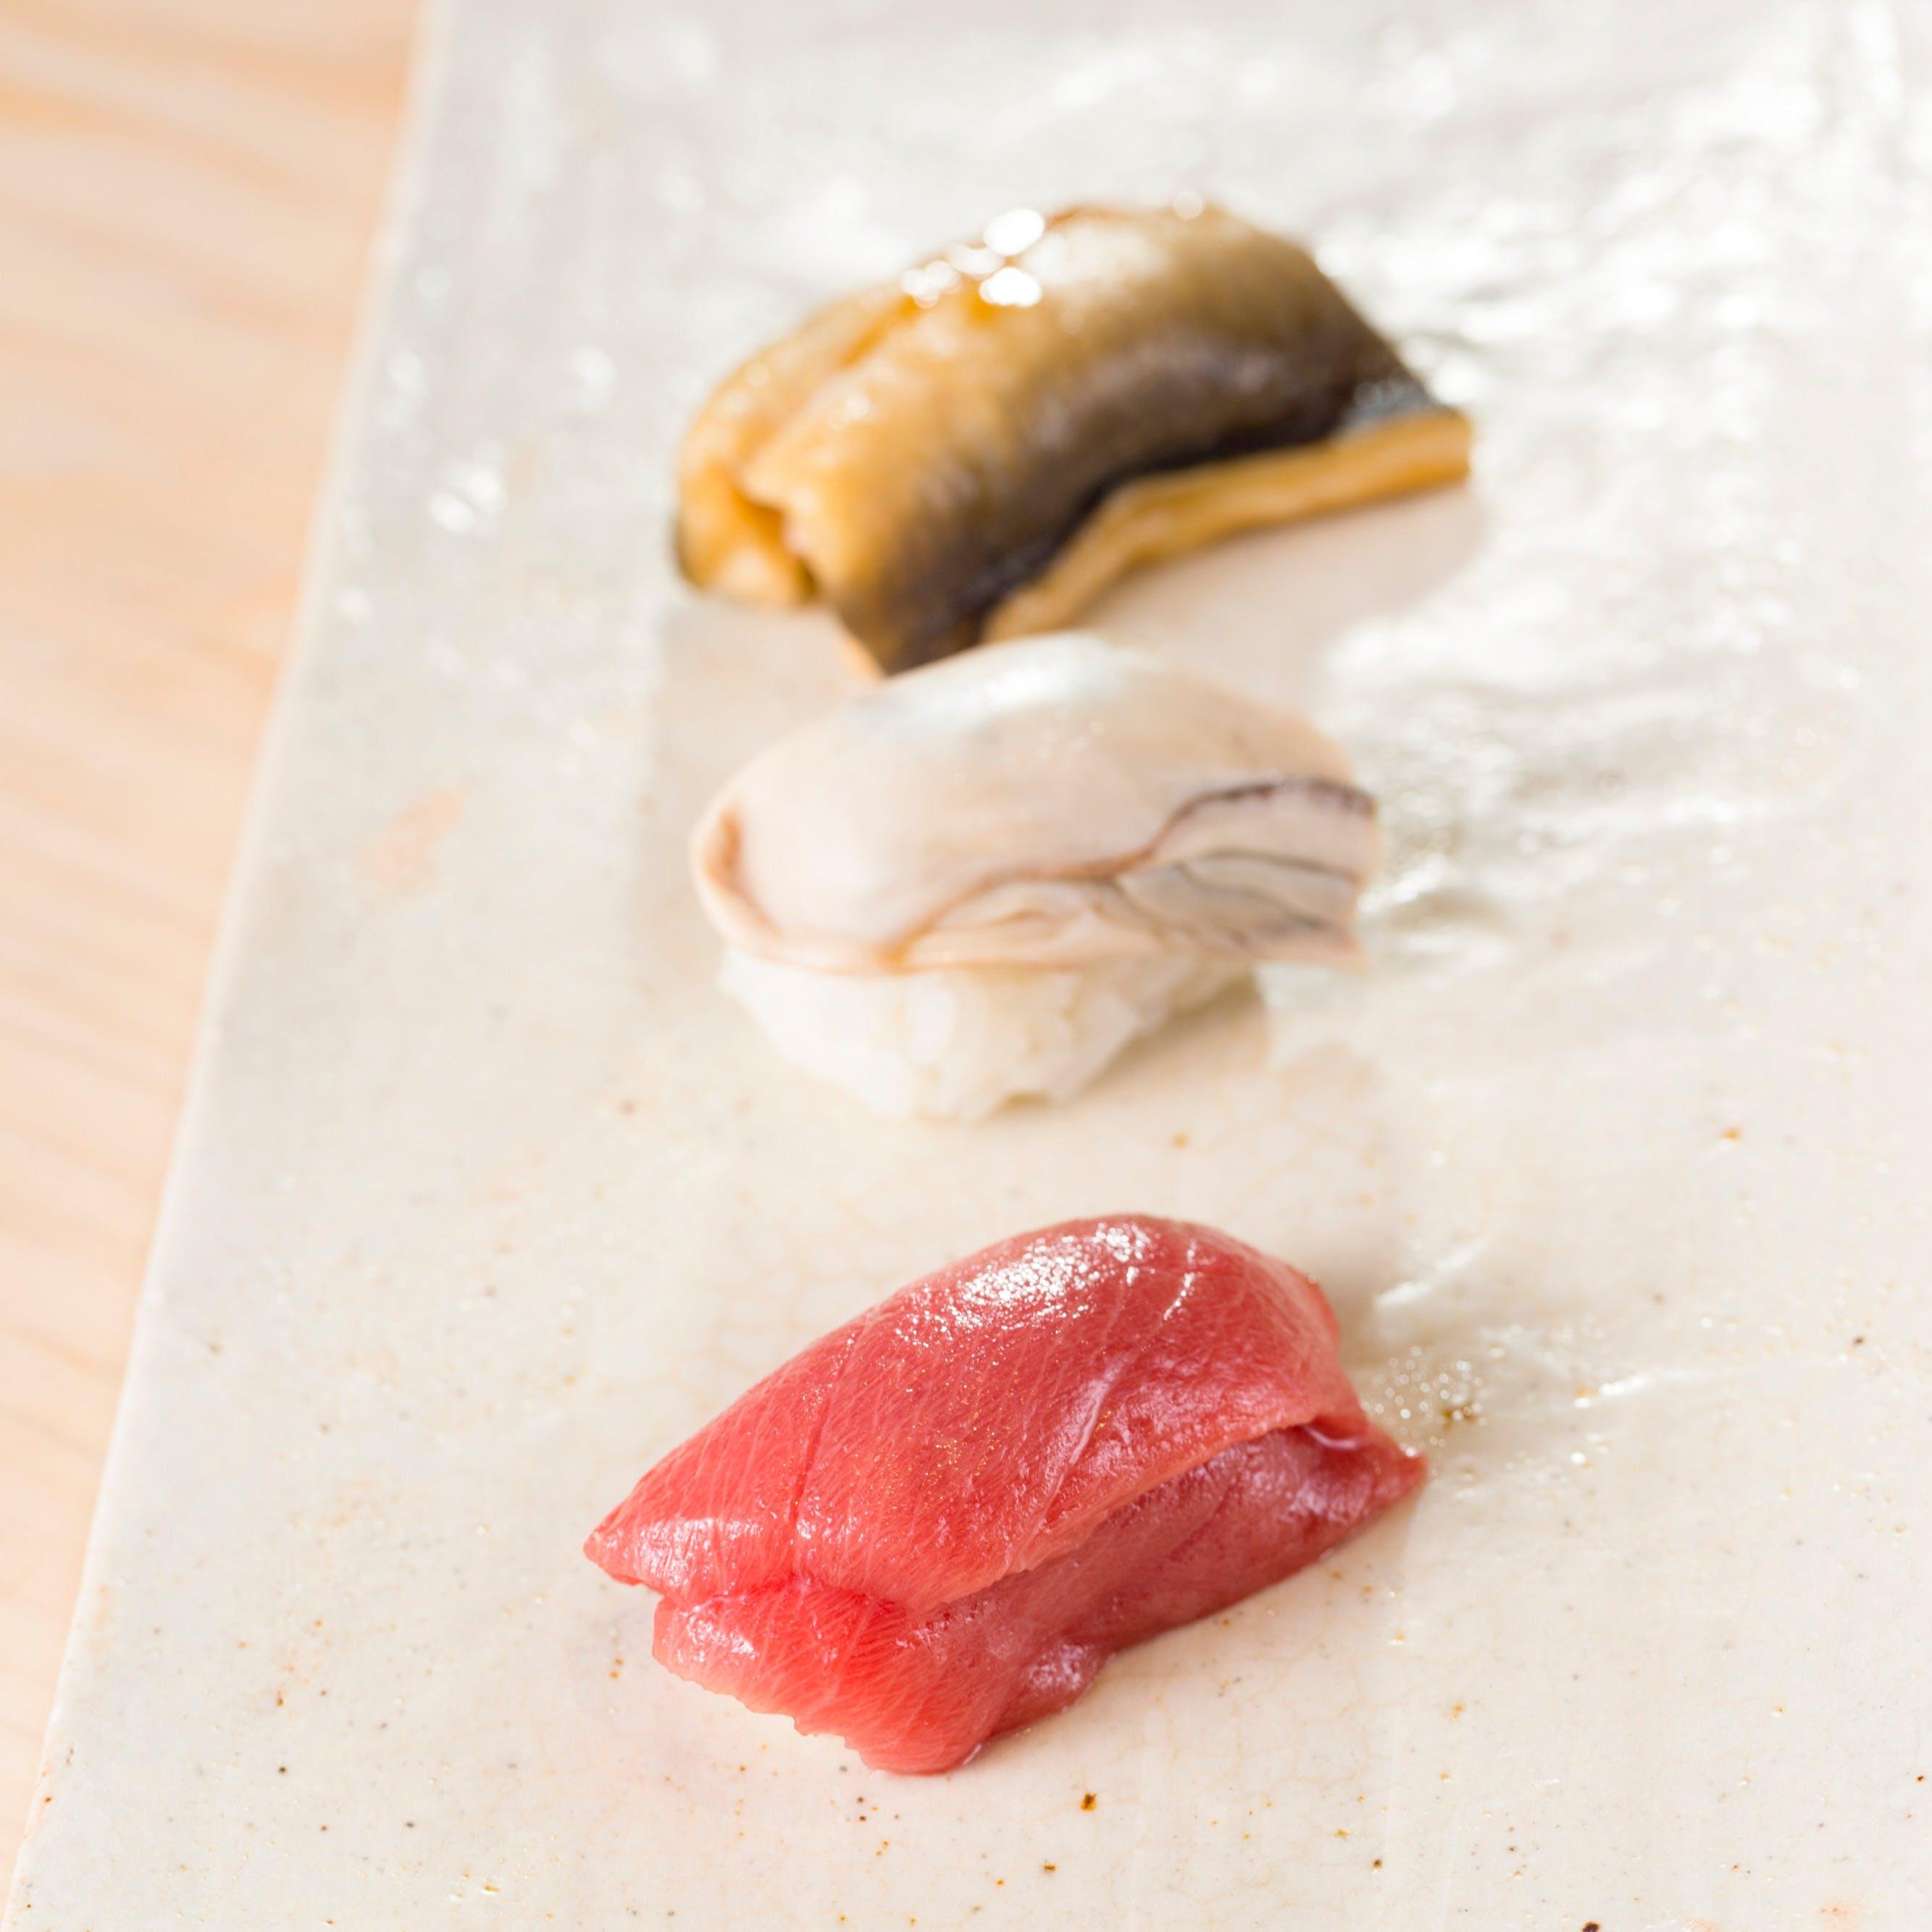 旬の魚を使用した極上鮨と滋味深いつまみ